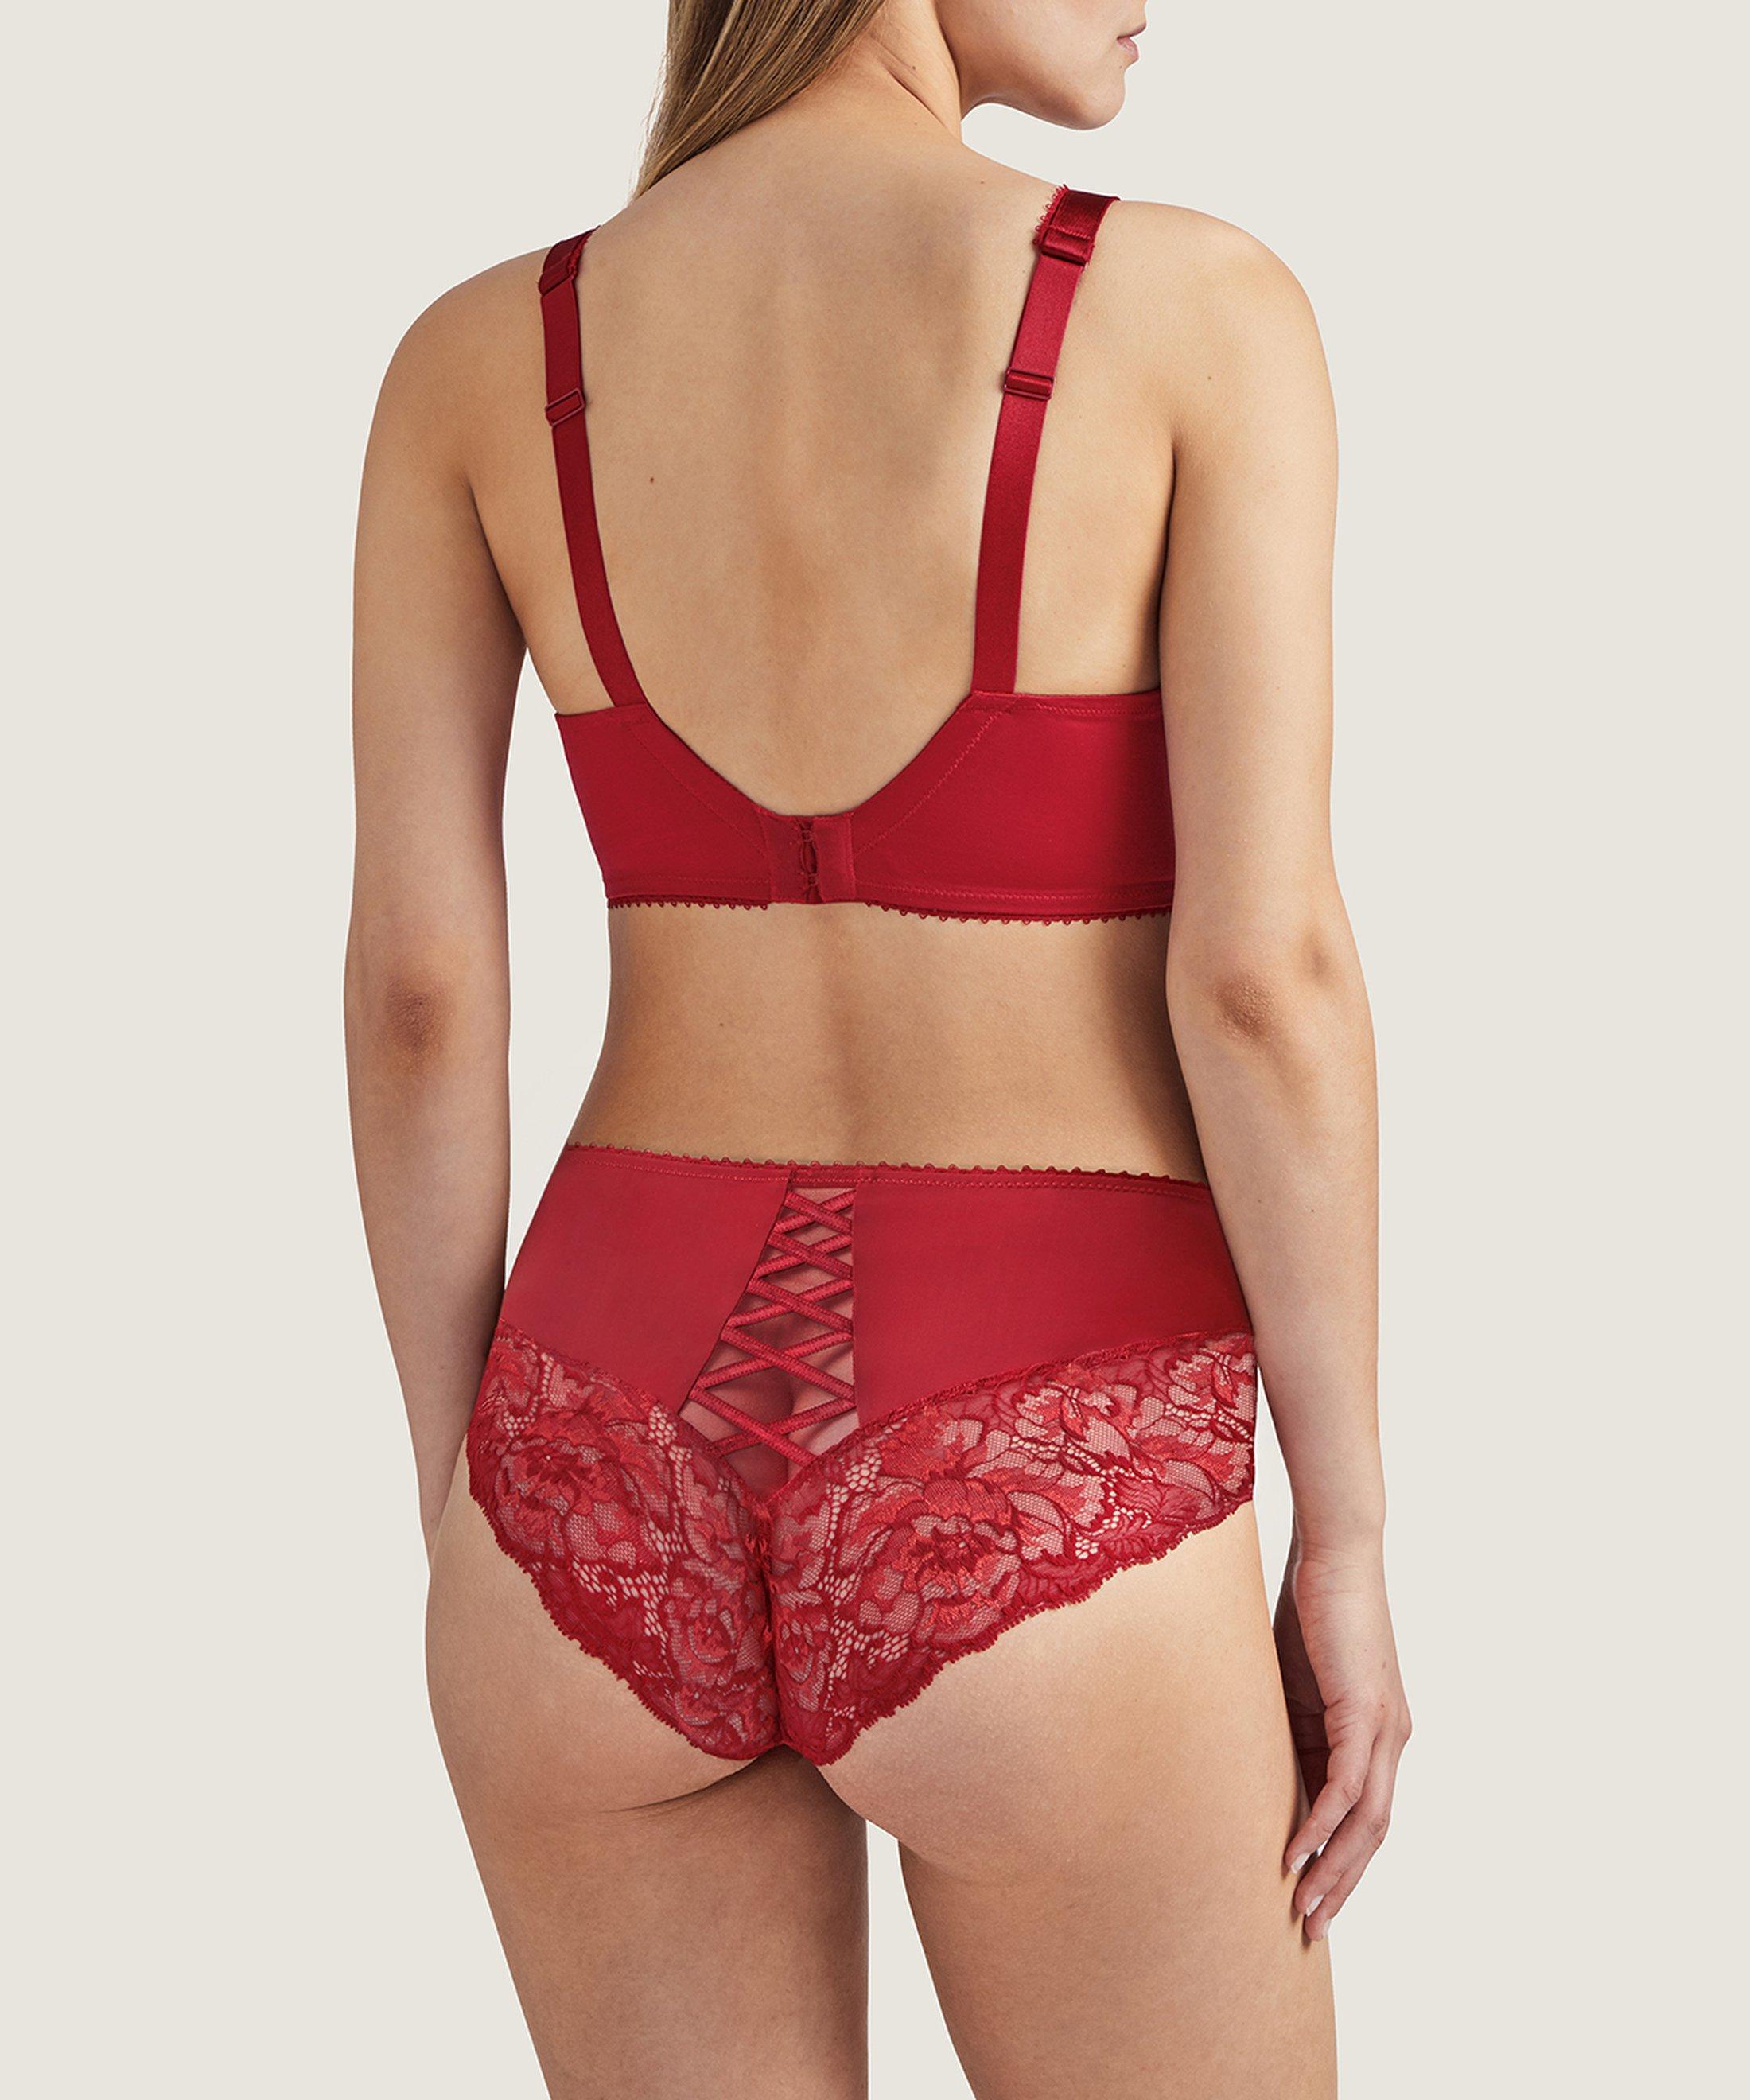 AUBE AMOUREUSE Soutien-gorge triangle avec armatures confort Rouge Amour | Aubade